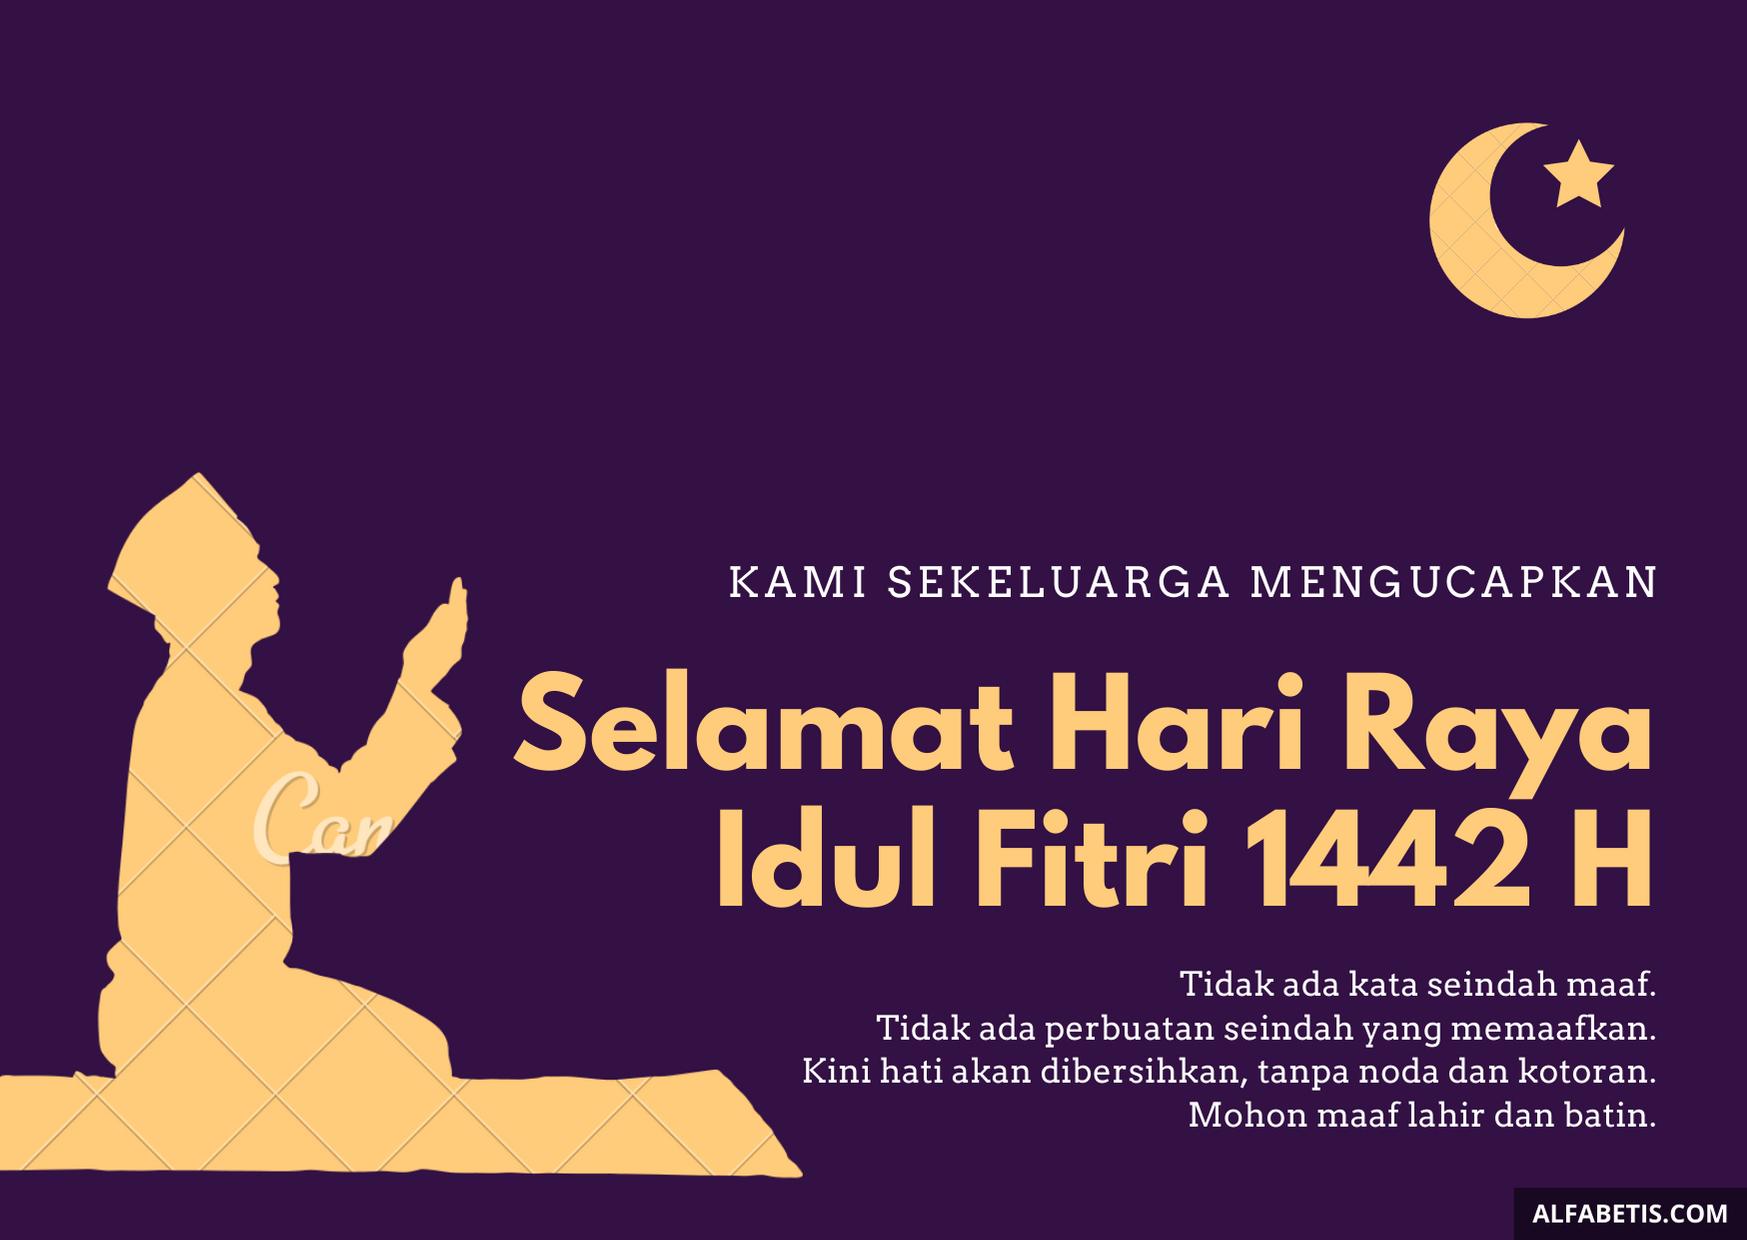 Download Kartu Idul Fitri 1442 H